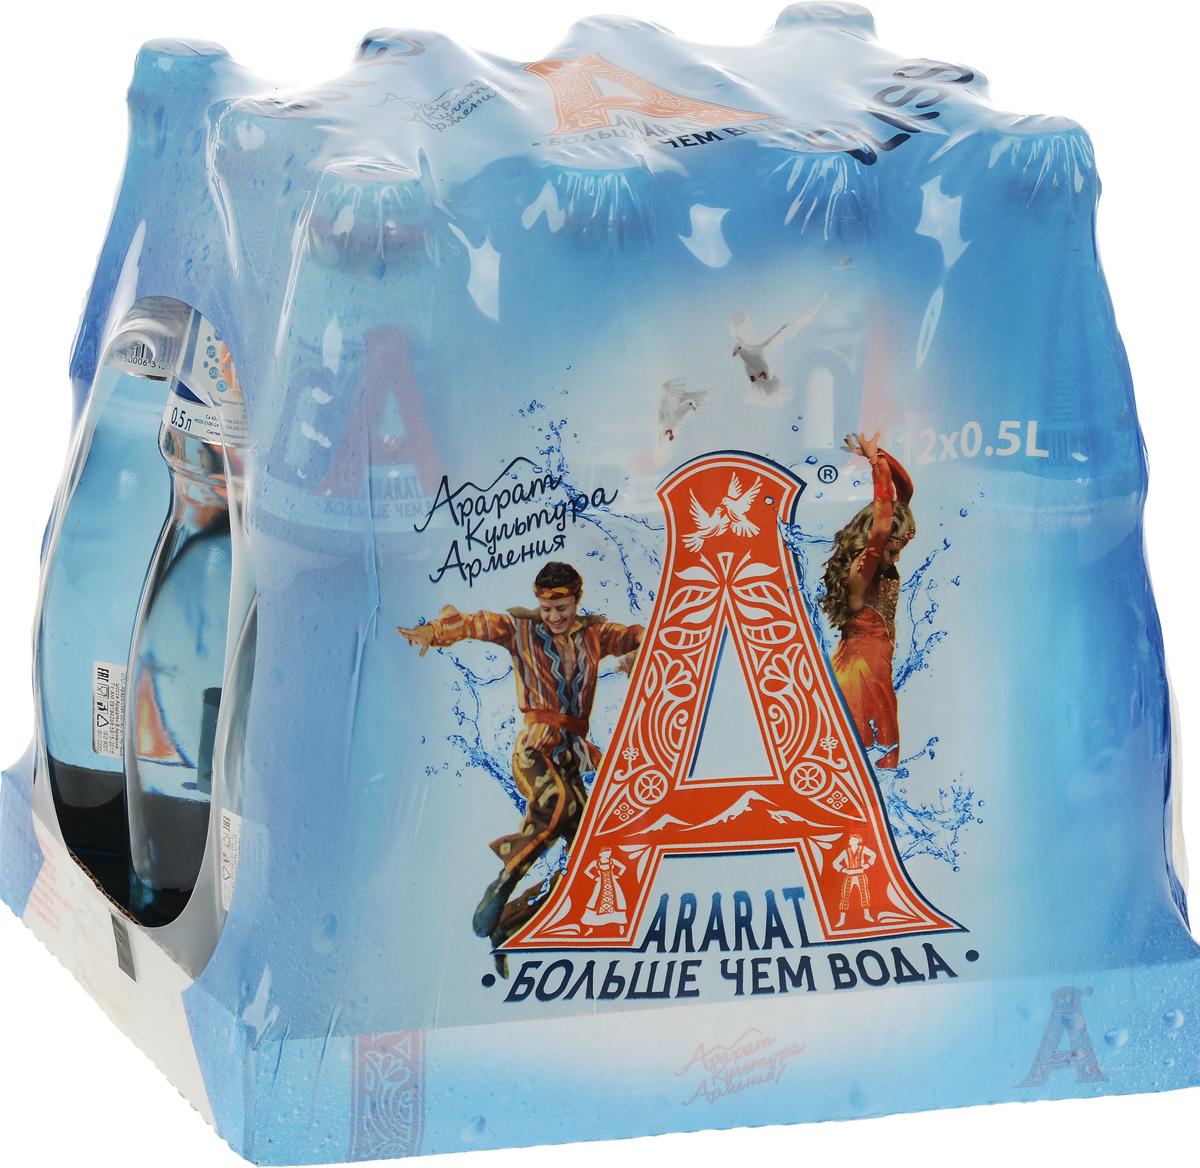 Ararat вода газированная минеральная лечебно-столовая, 12 штук по 0,5 л0120710Употребление воды Арарат поможет привести в норму водно-минеральный обмен организма, стимулирует систему пищеварения, благодаря сбалансированному природному минеральному составу.Разлито на территории минеральных источников Арарат скважина №11, Ущелье Борот-Ахбюр, Армения.Уважаемые клиенты! Обращаем ваше внимание, что перечень типичного химического состава продукта представлен на дополнительном изображении.